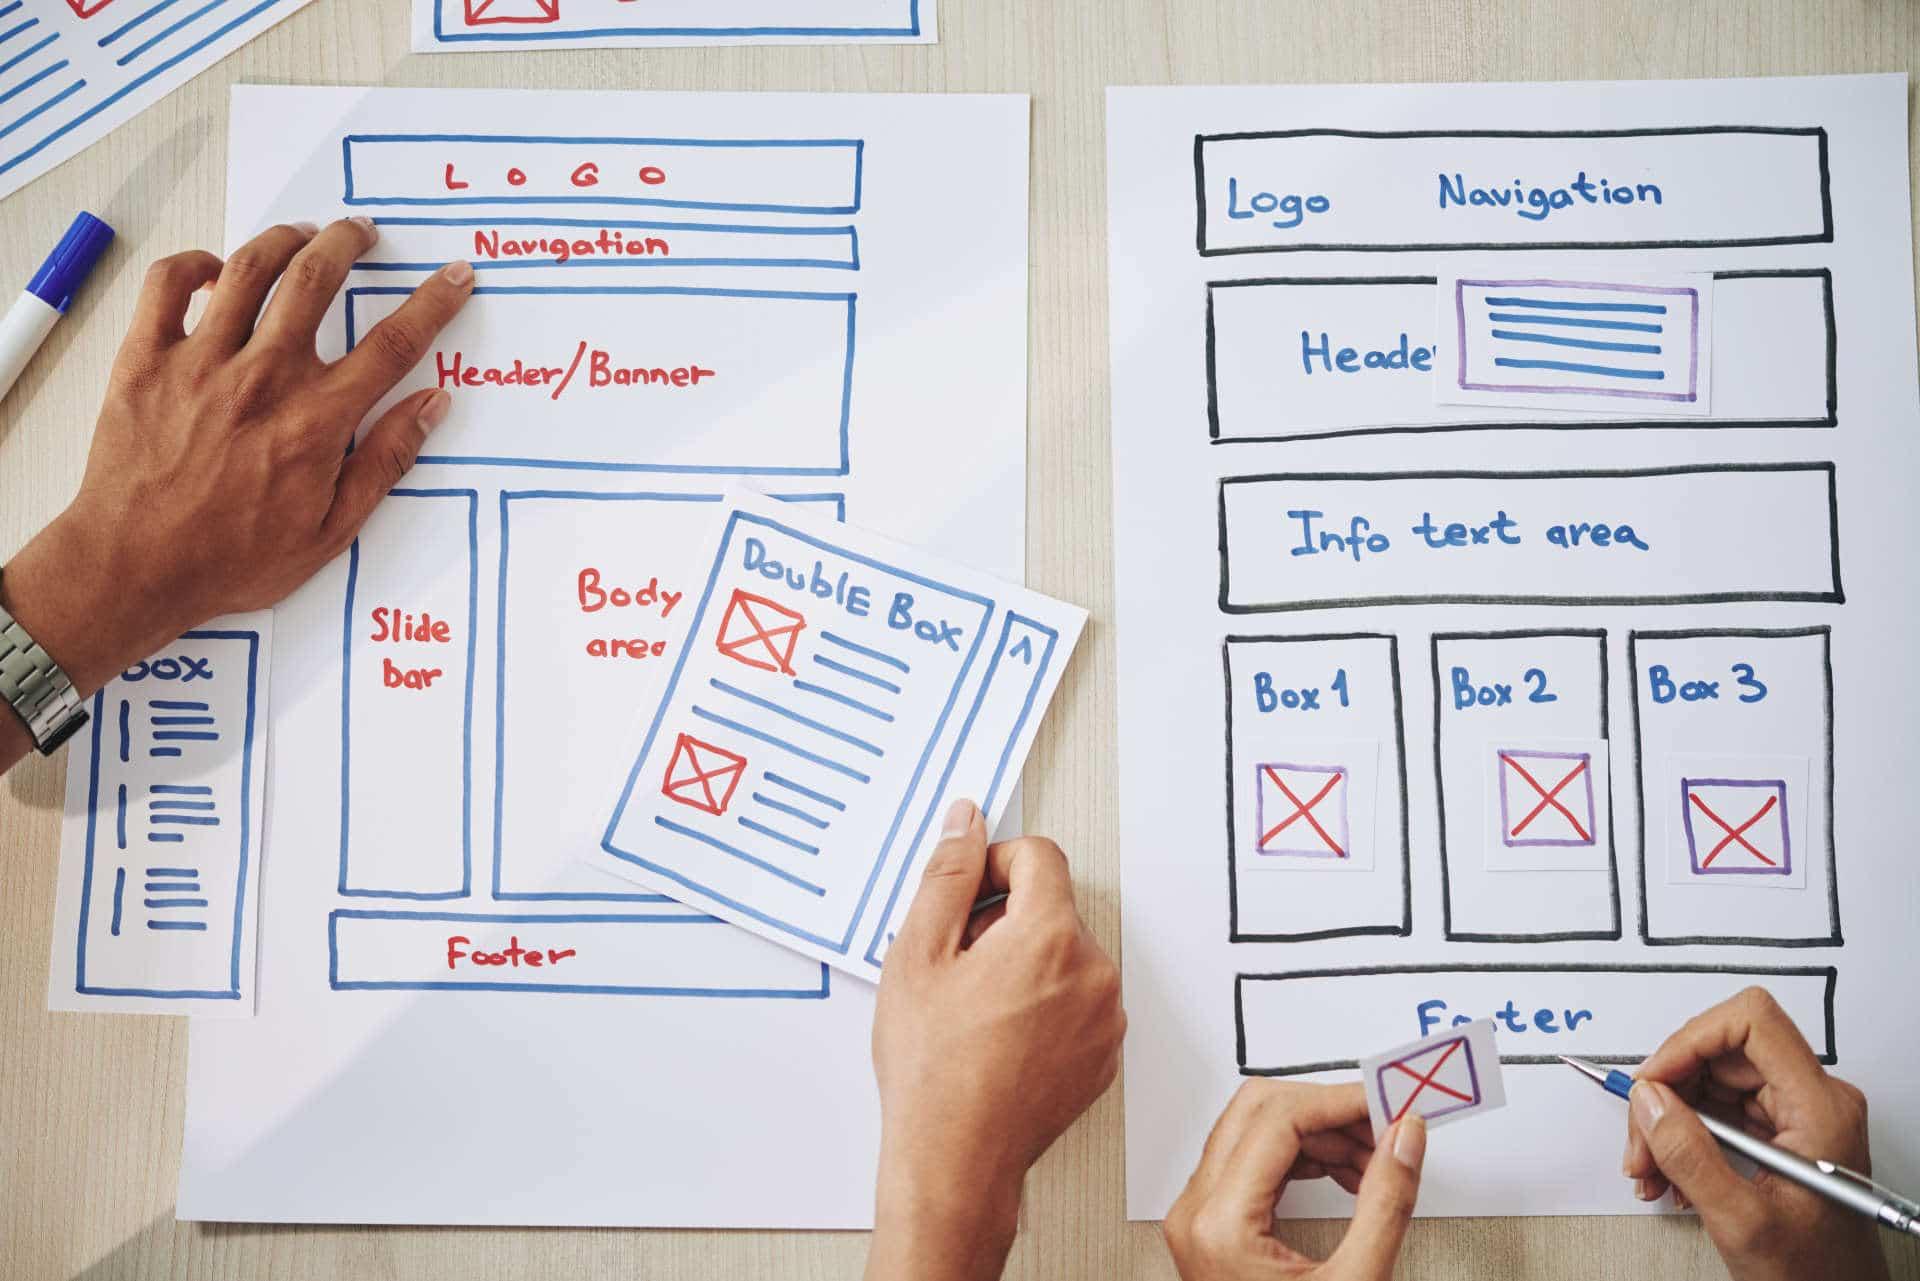 Website being designed on paper for Edinburgh business